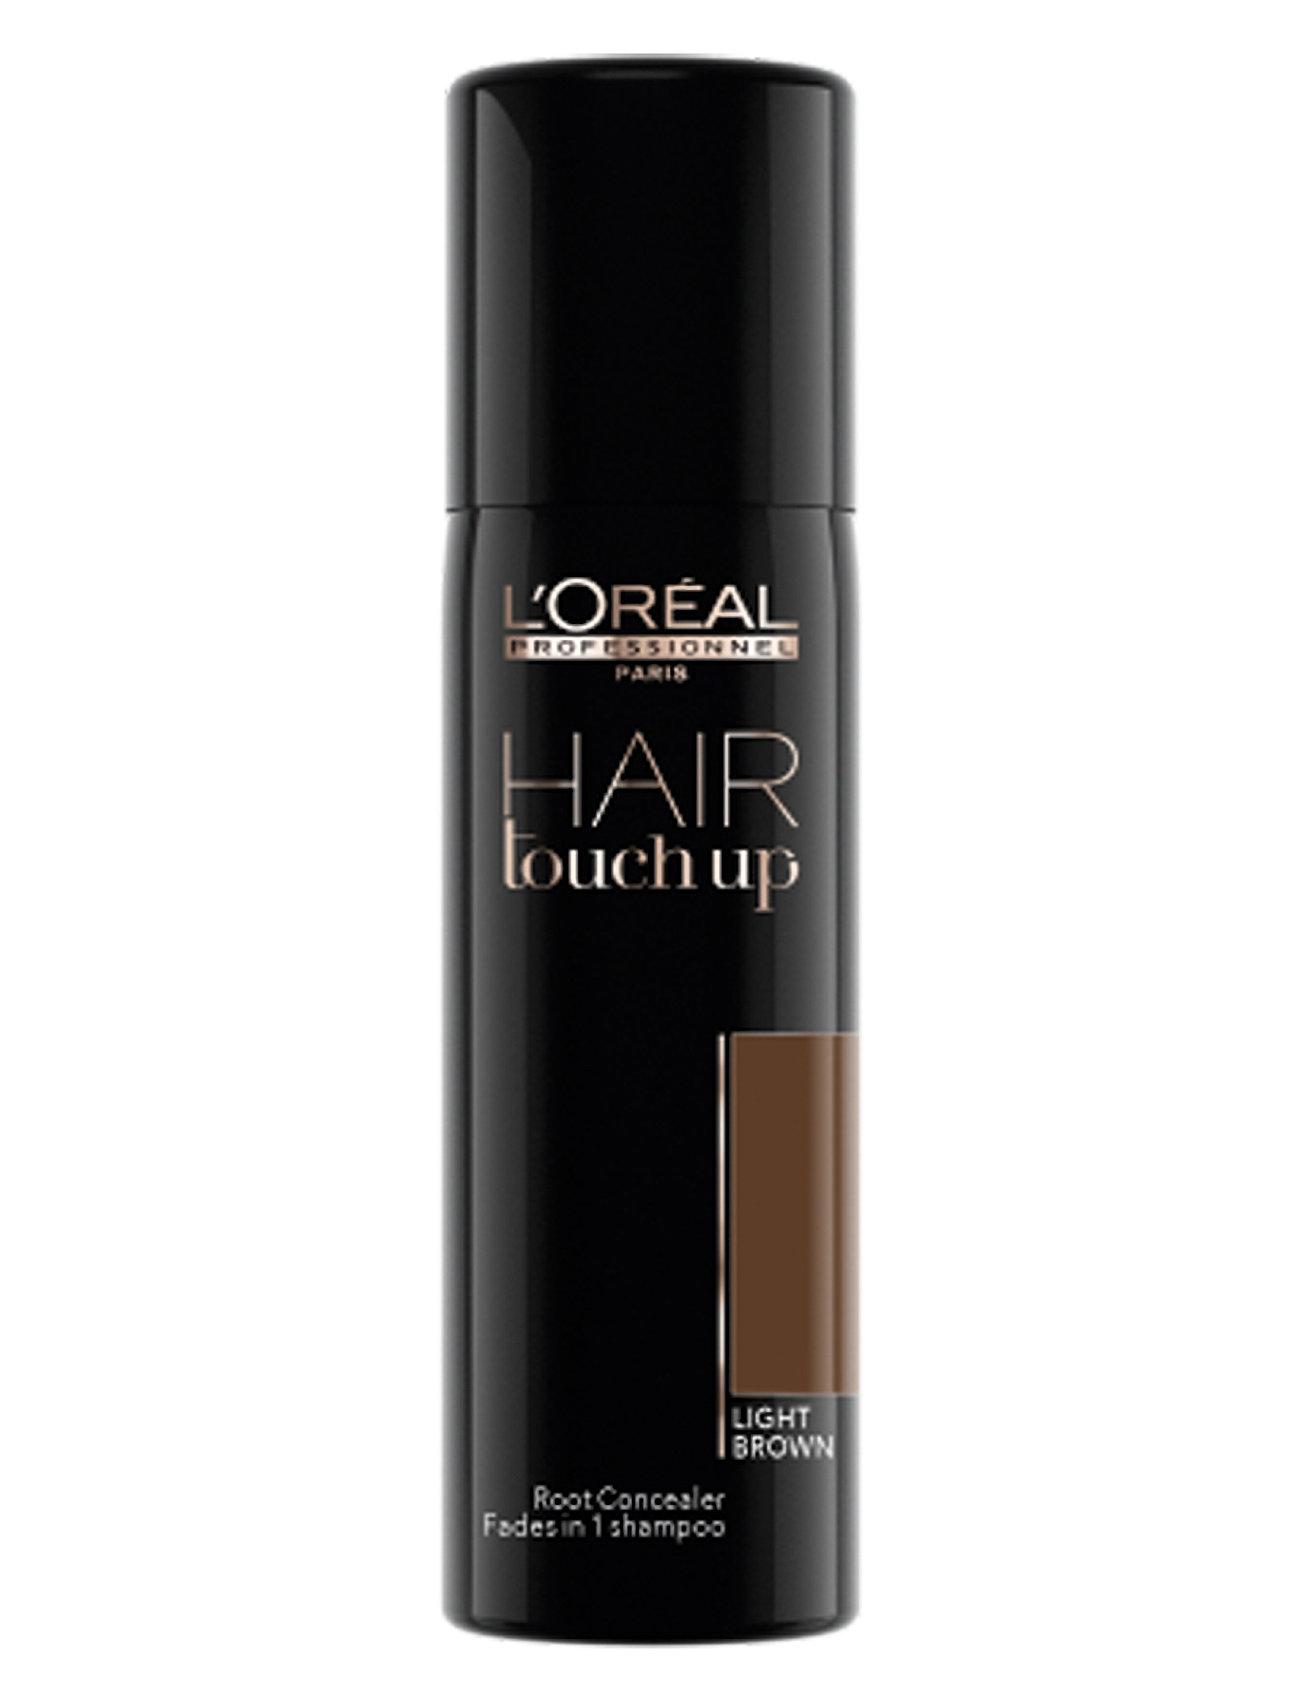 L'OréAl Professionnel Hair Touch Up Light Brown - L'Oréal Professionnel